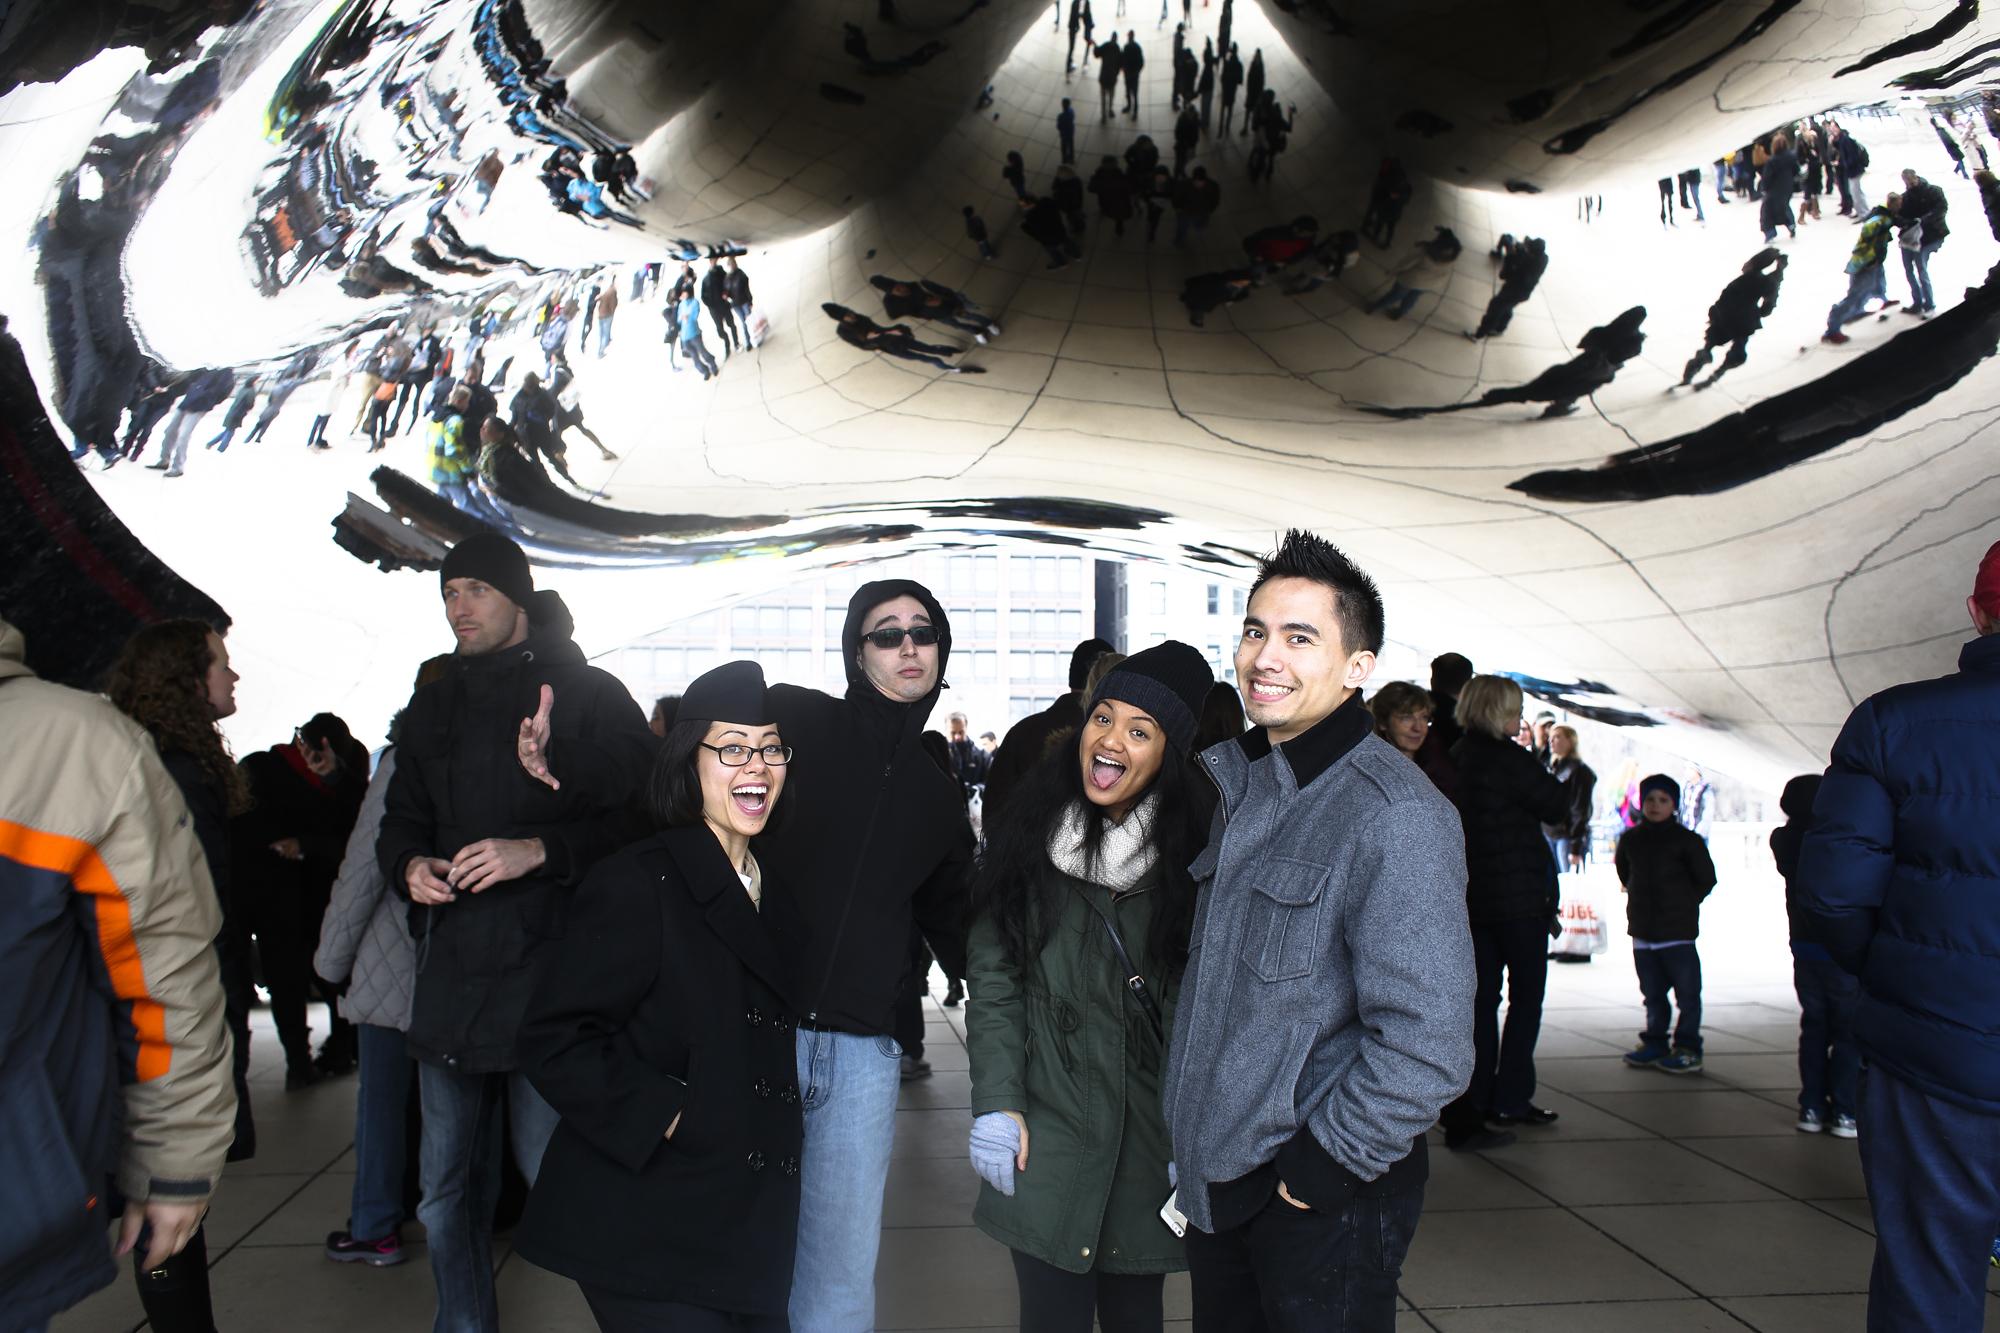 0322_travel_chicago_020.jpg